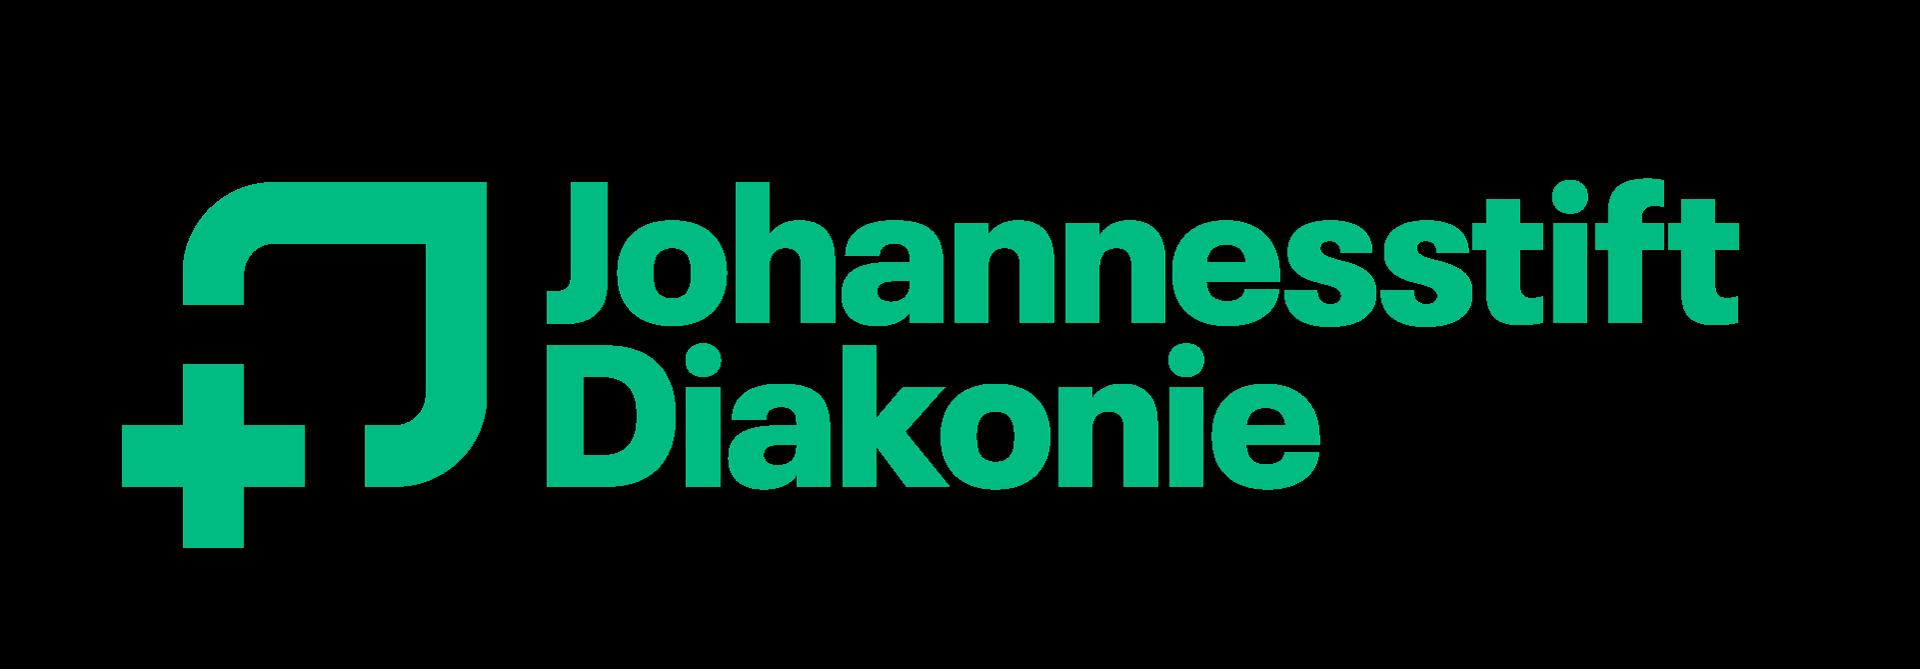 Logo: Johannesstift Diakonie gAG